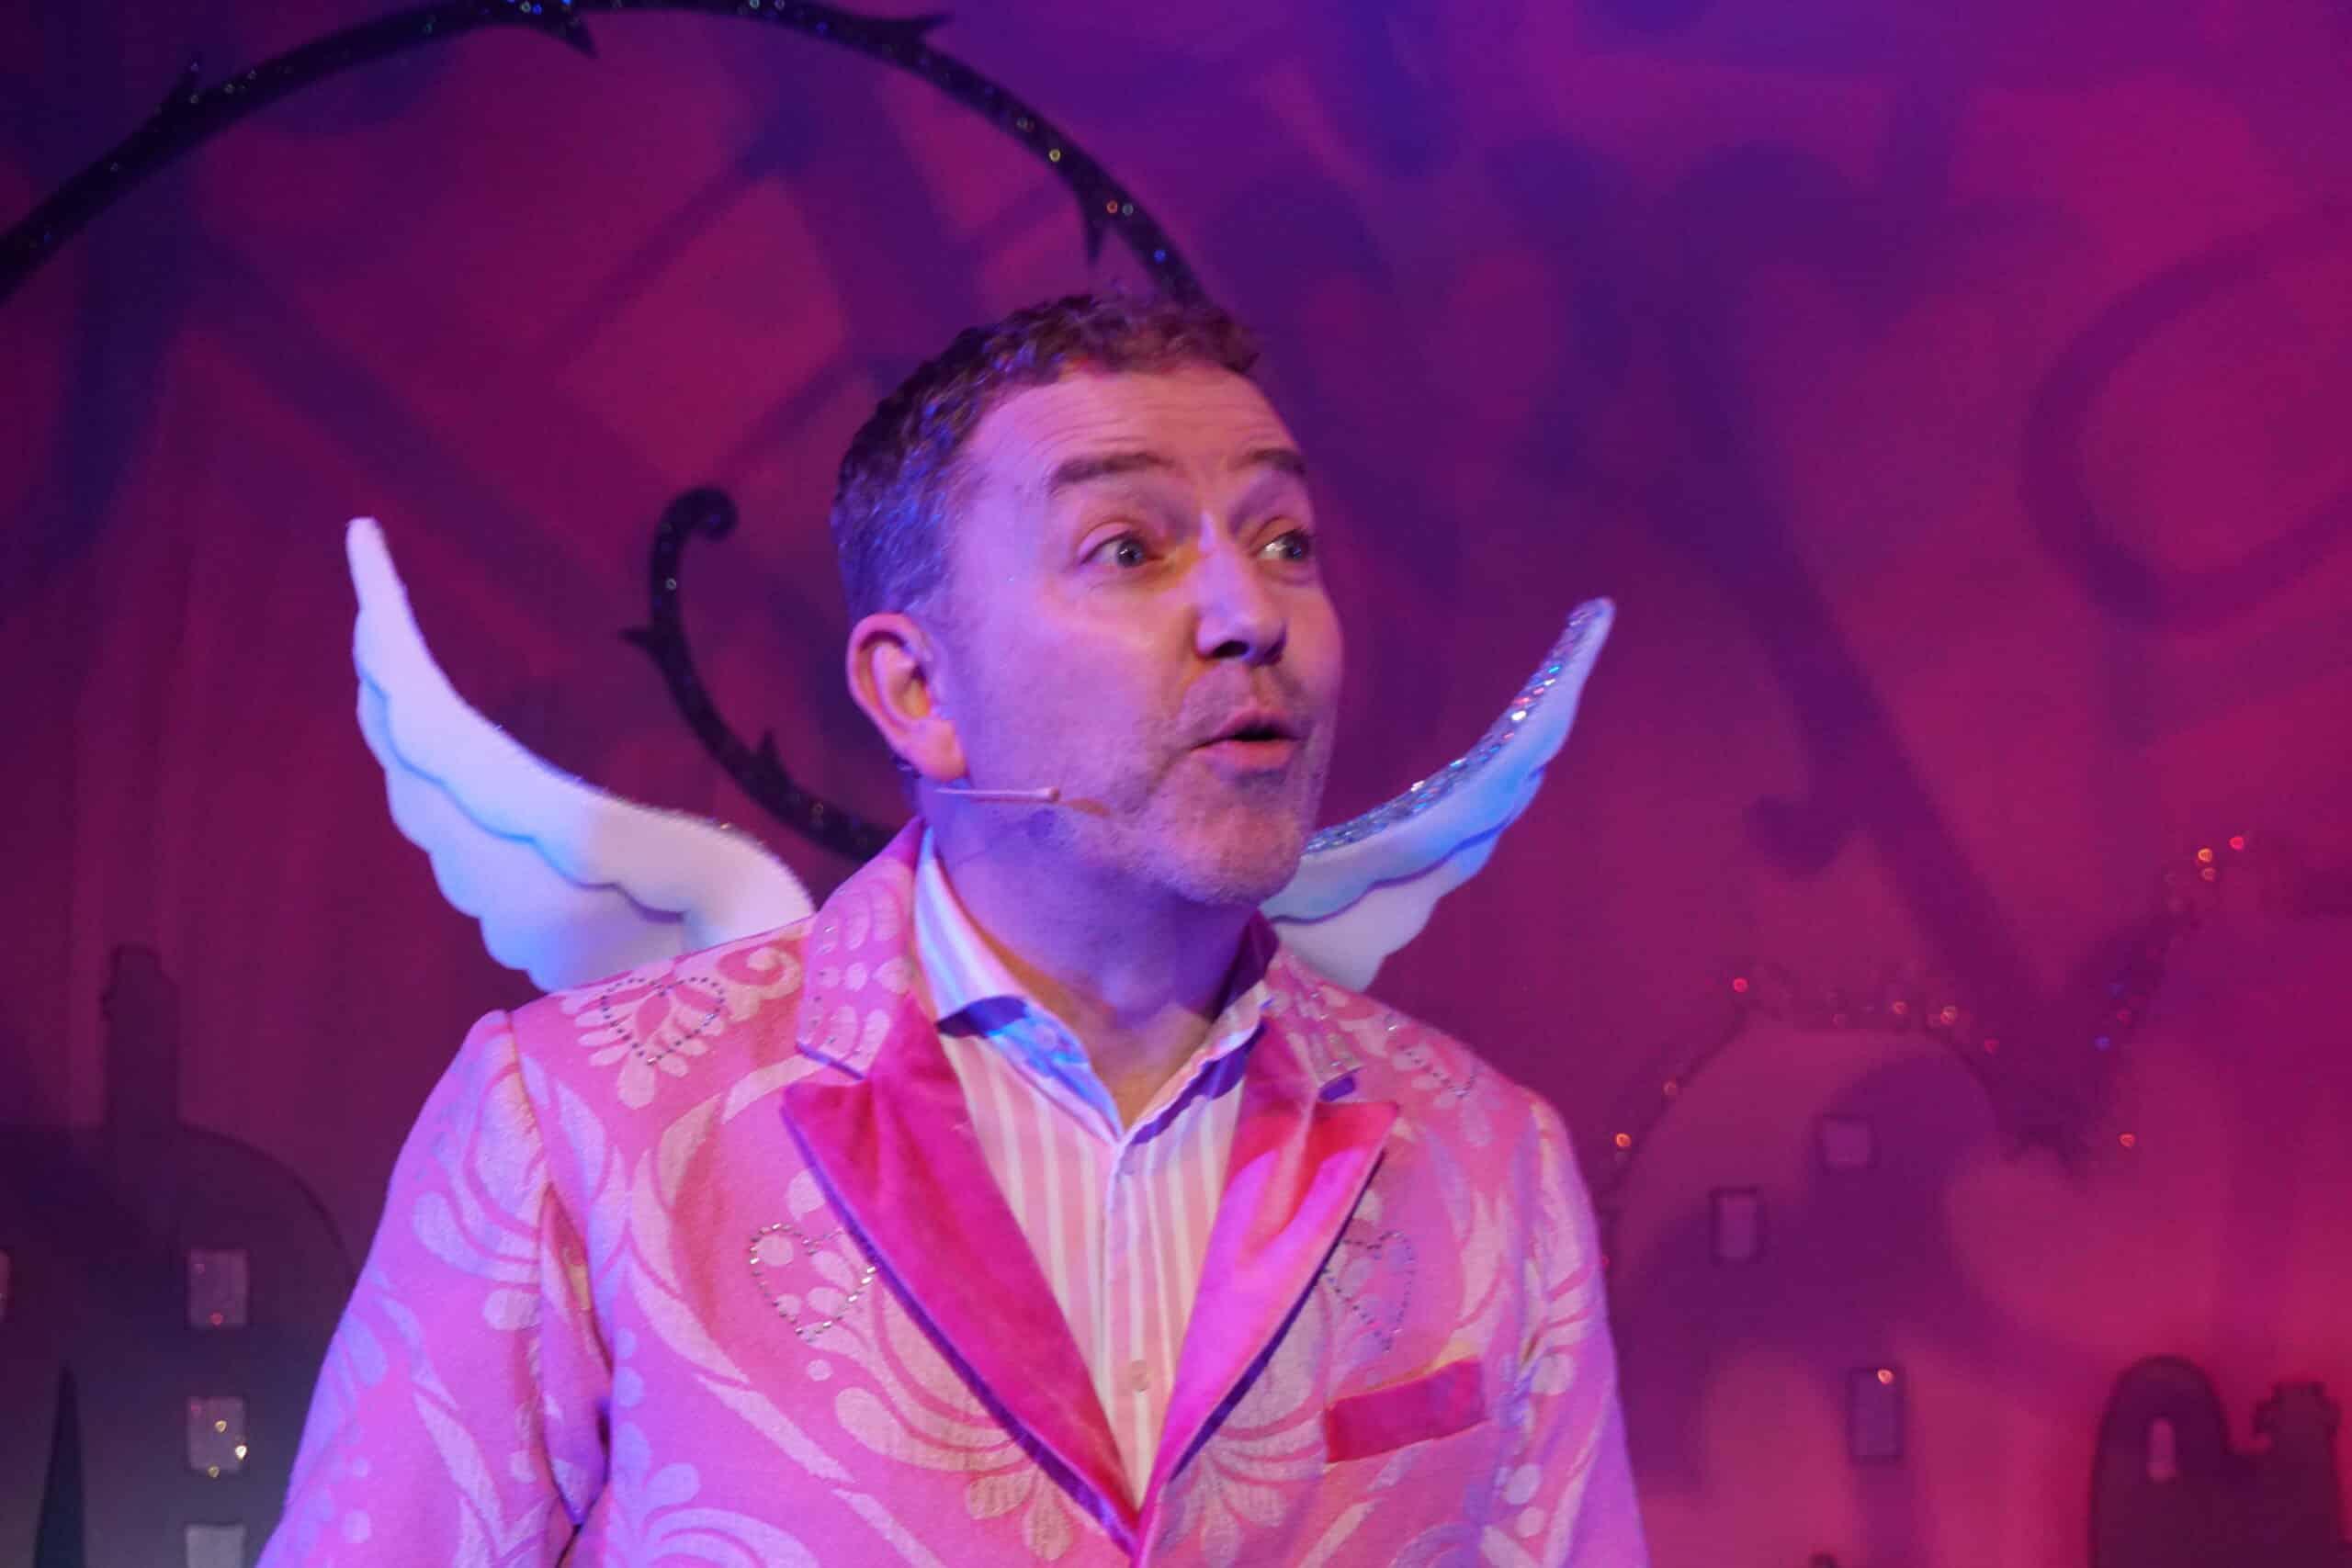 Daniel Buckroyd in character as Cupid